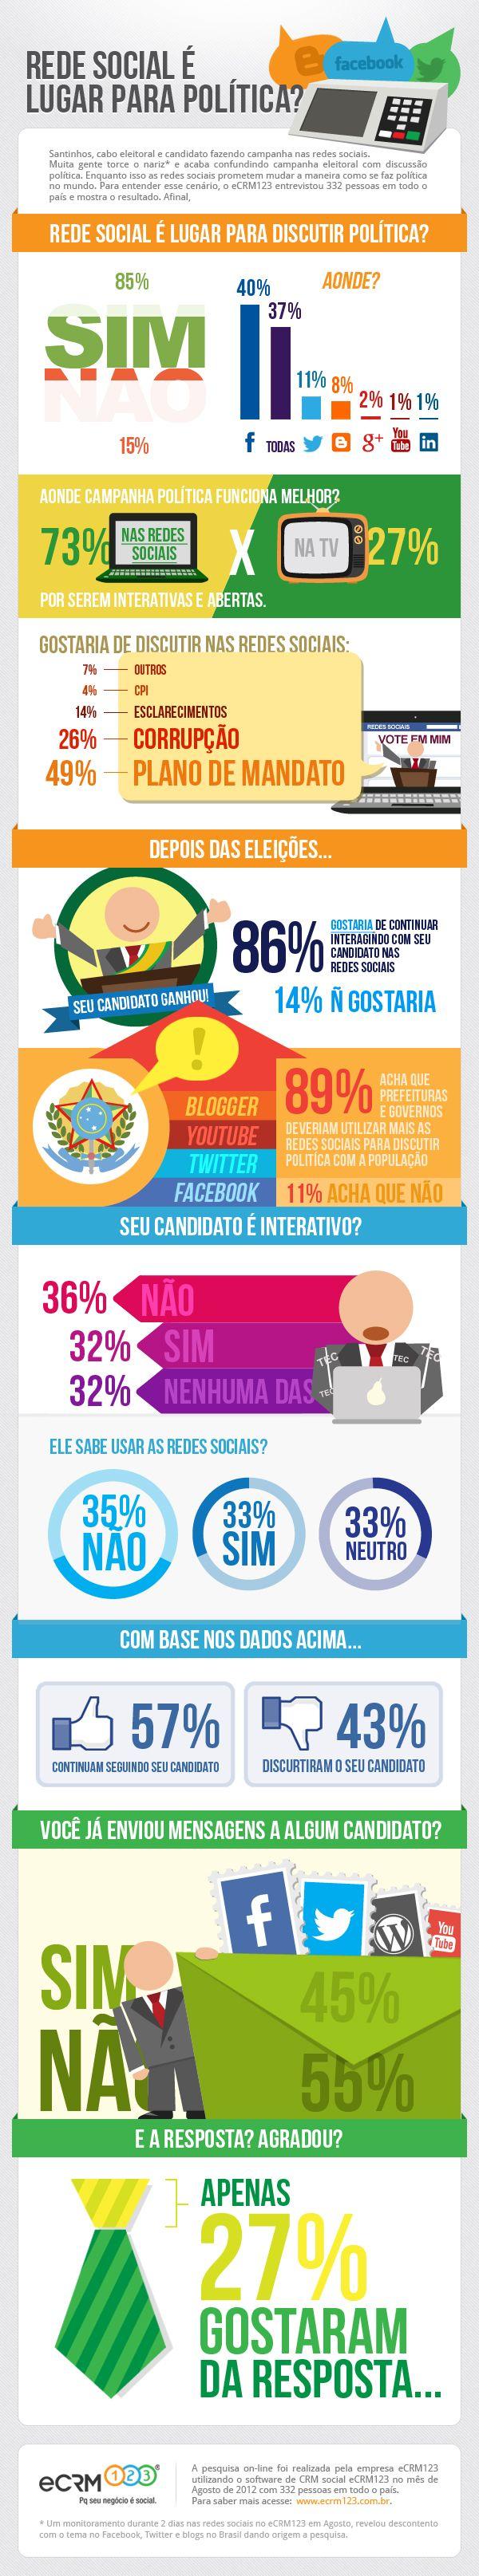 Pesquisa afirma que redes sociais são meio de discussão política para usuários brasileiros